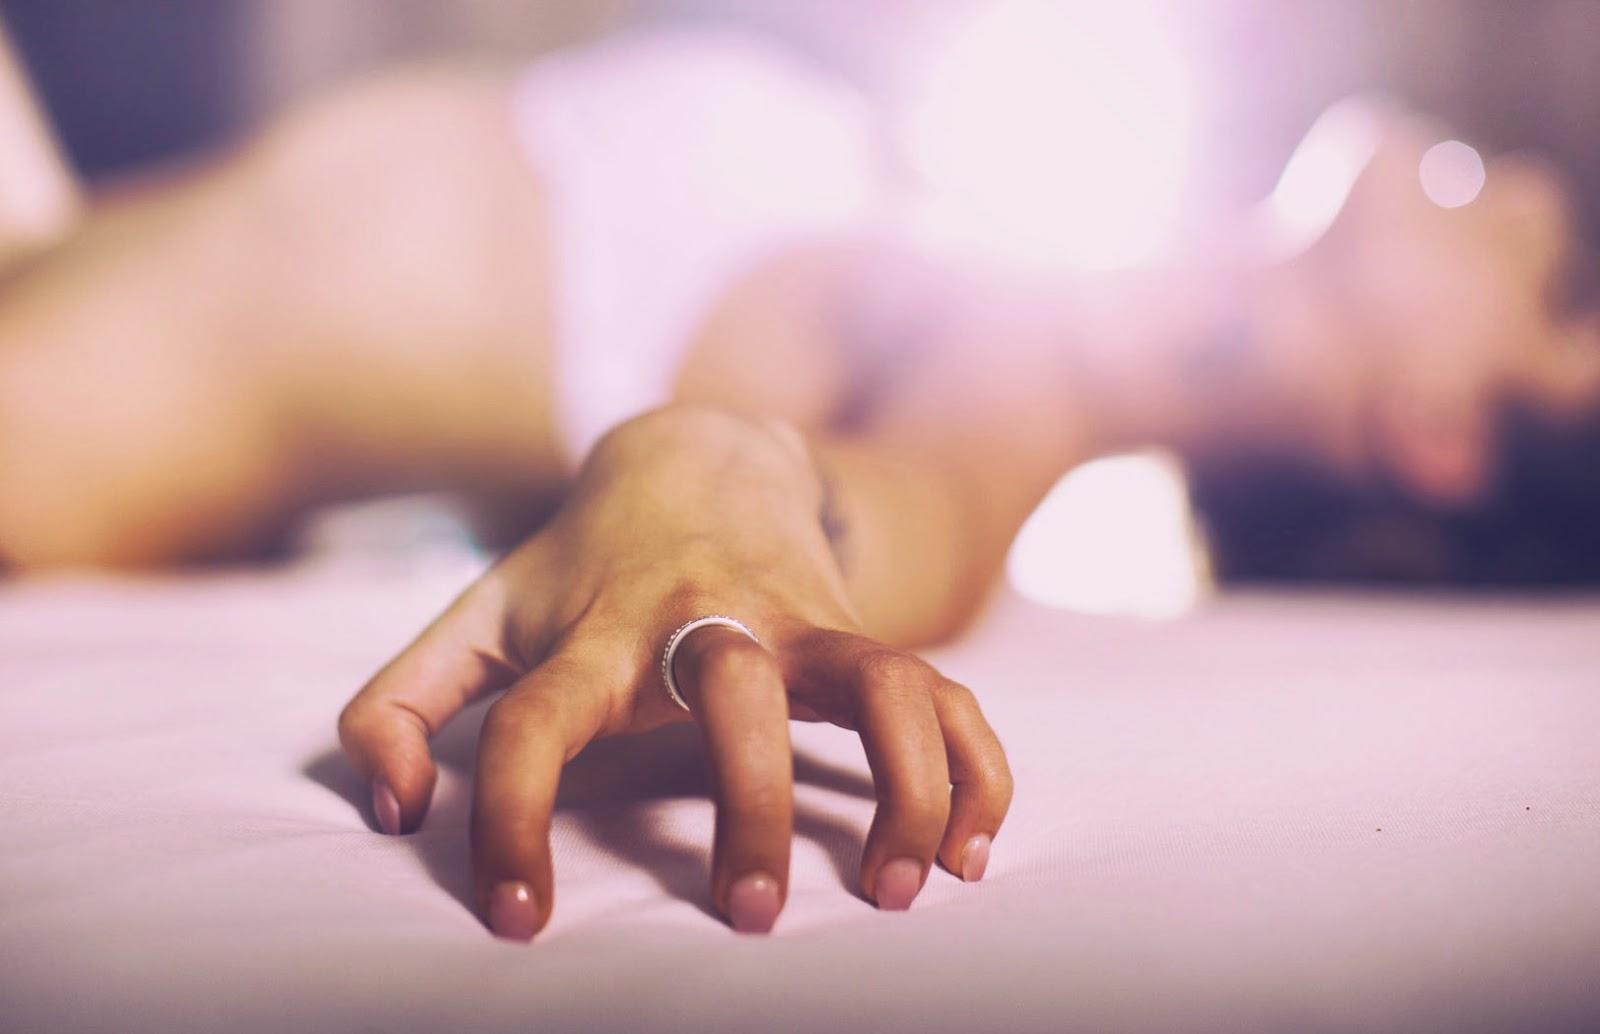 Видео нежный куни секс человек